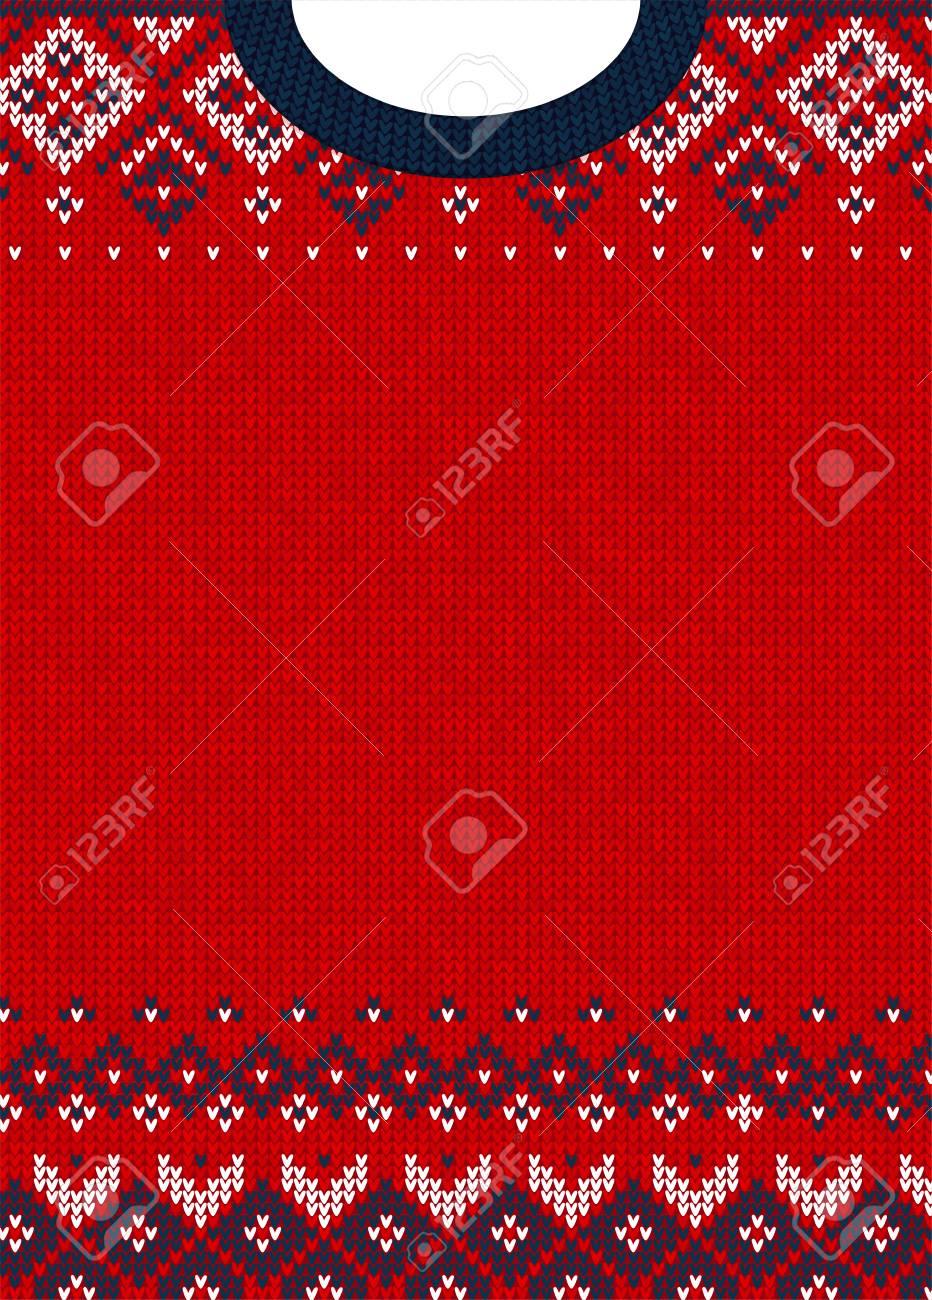 27673f4a0405 Hässliche Strickjacke Frohe Weihnachten und Happy New Year  Grußkartenvorlage. Vektorabbildung Handgemachtes gestricktes  Hintergrundmuster mit ...